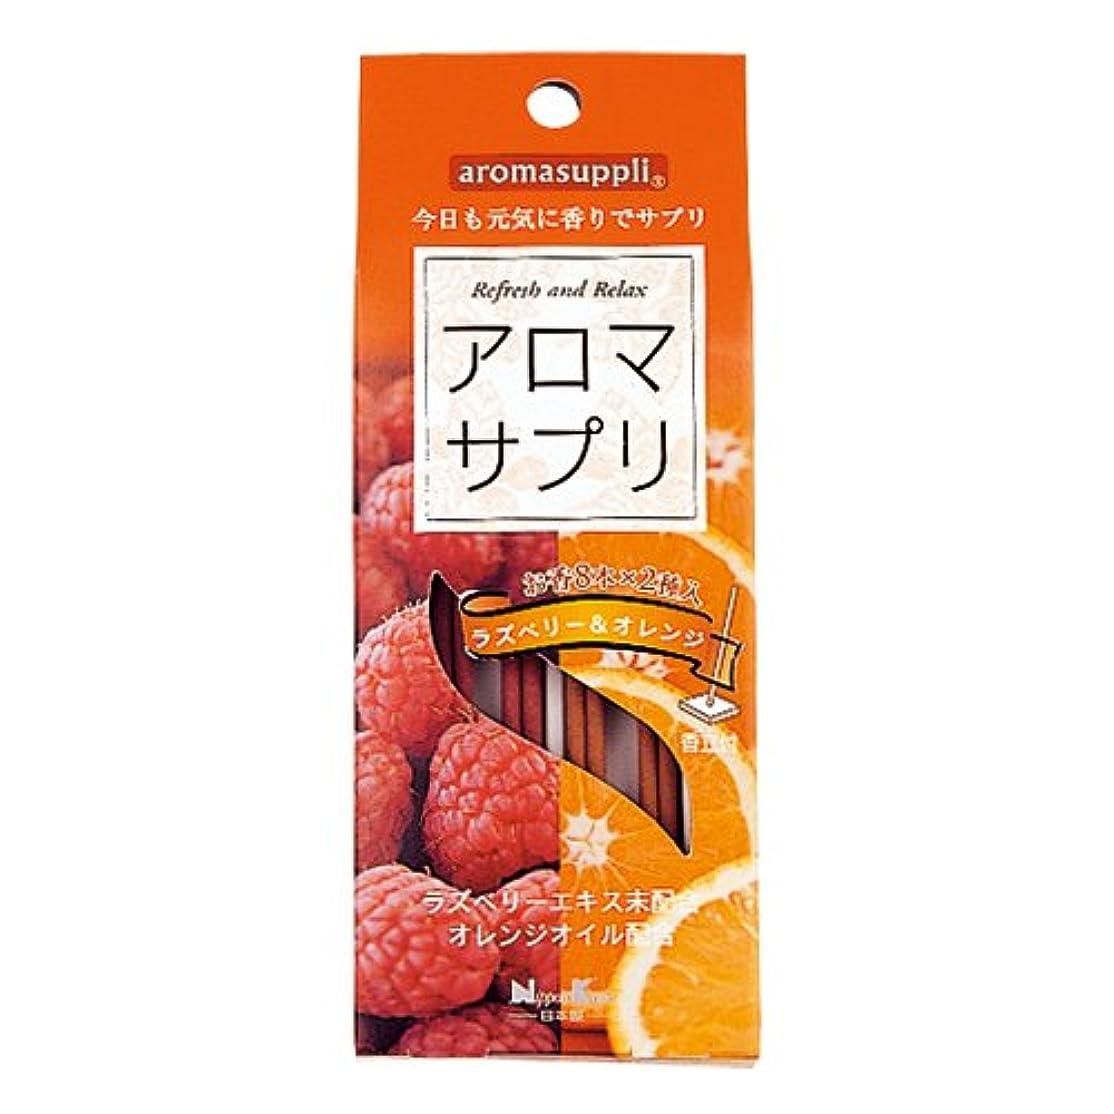 マイナーネスト実験【X5個セット】 アロマサプリ ラズベリー&オレンジ 8本入×2種